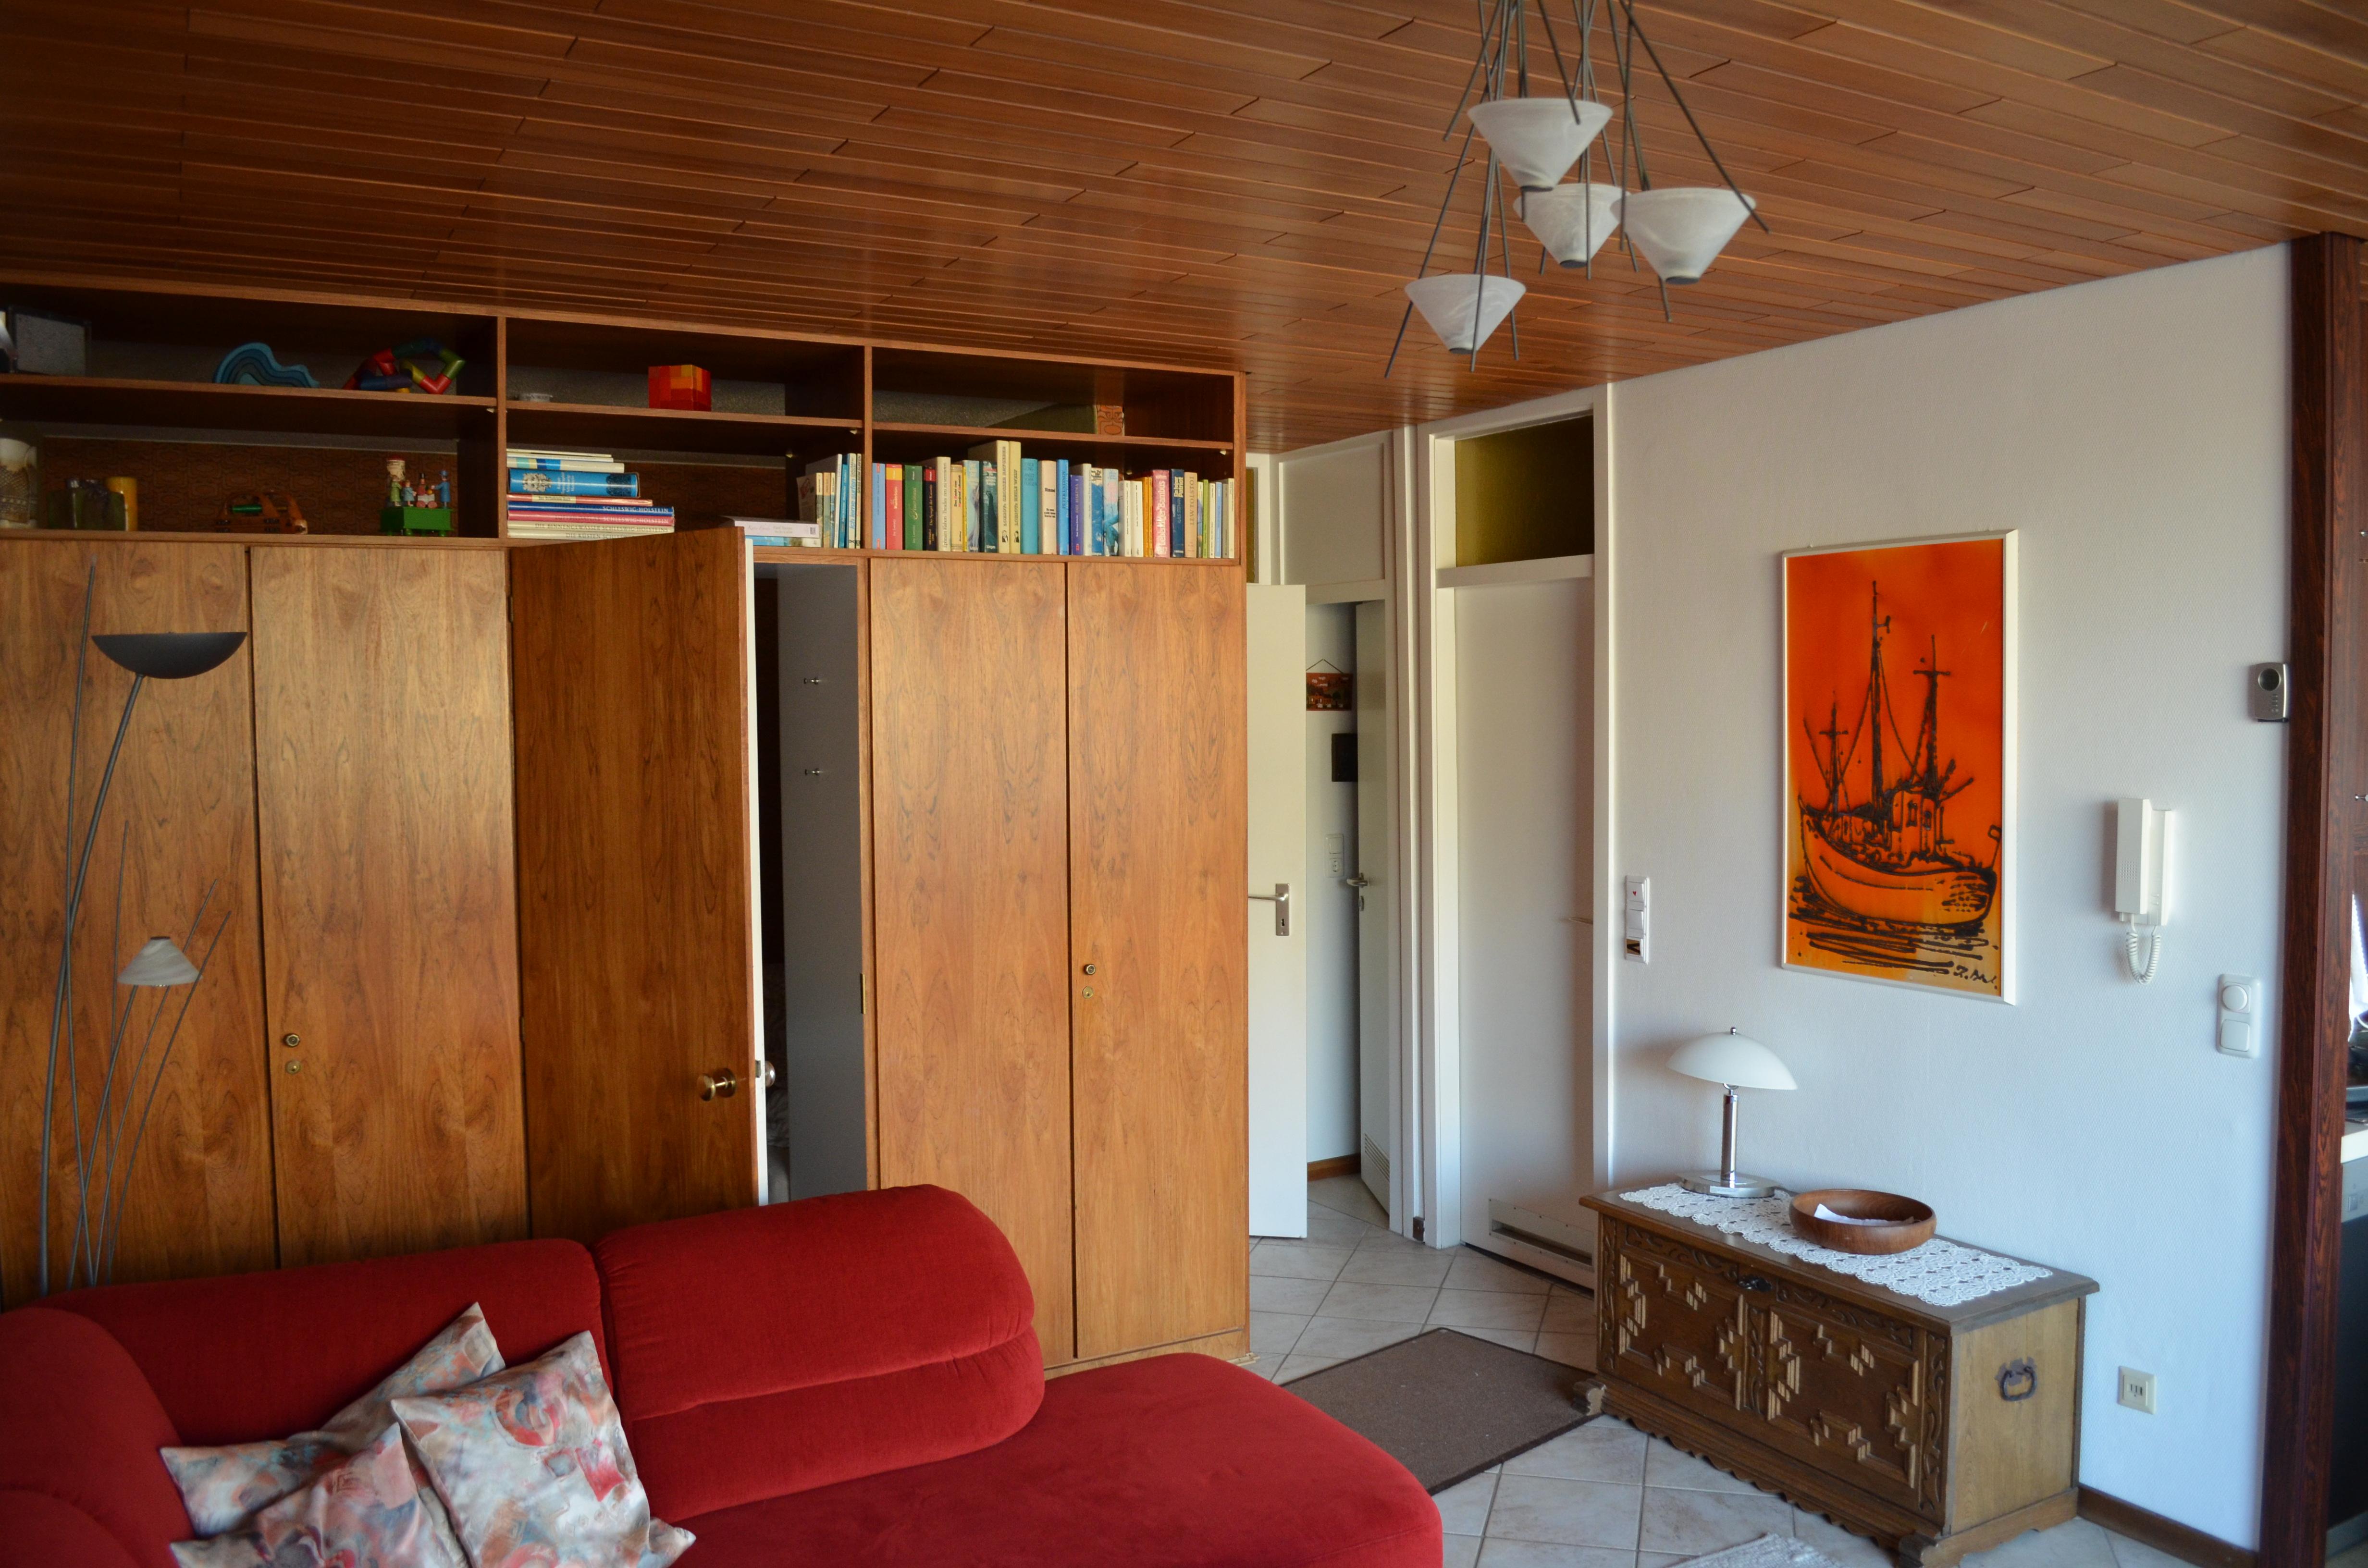 11 - Wohnbereich mit Zugang zum Schlafbereich